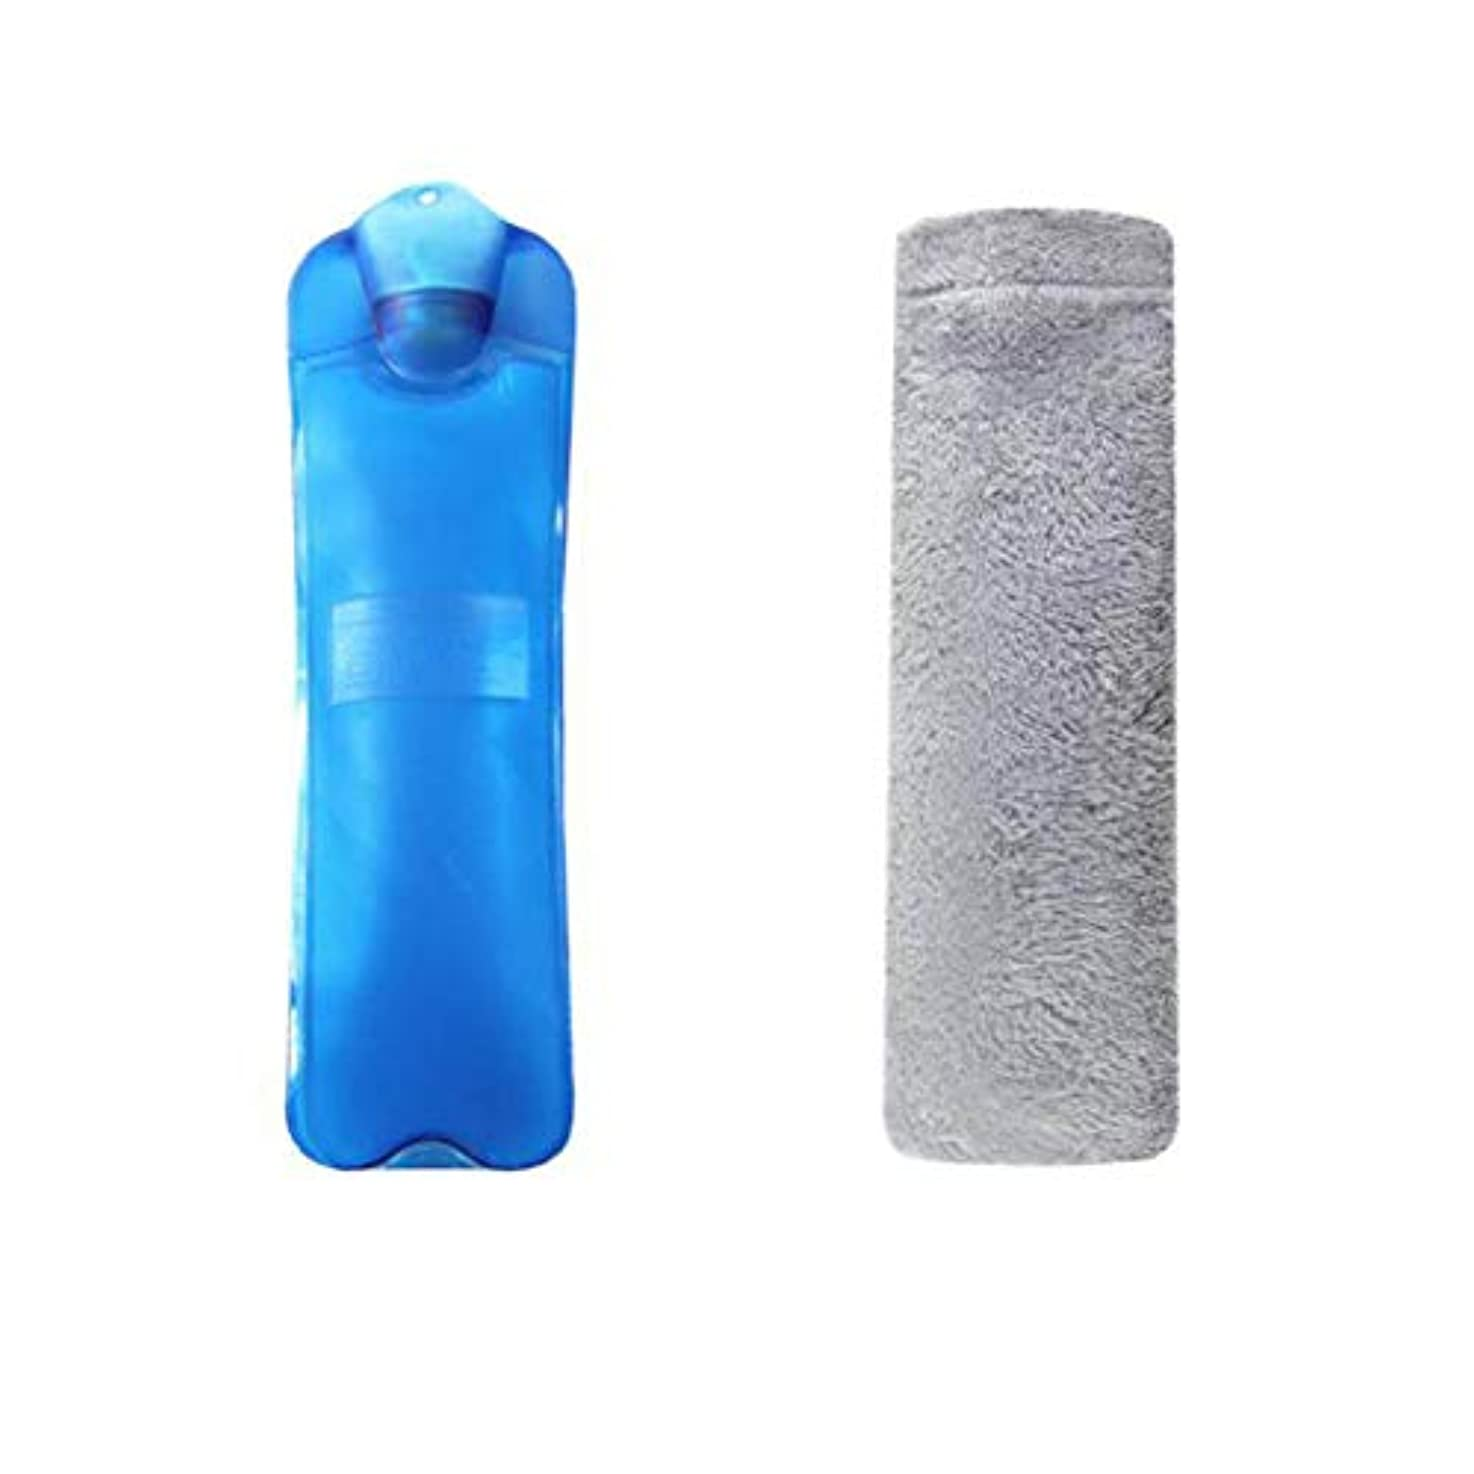 支出伝統純粋な温水ボトル大温水ボトル2Lは冬に暖かく保ちます #5